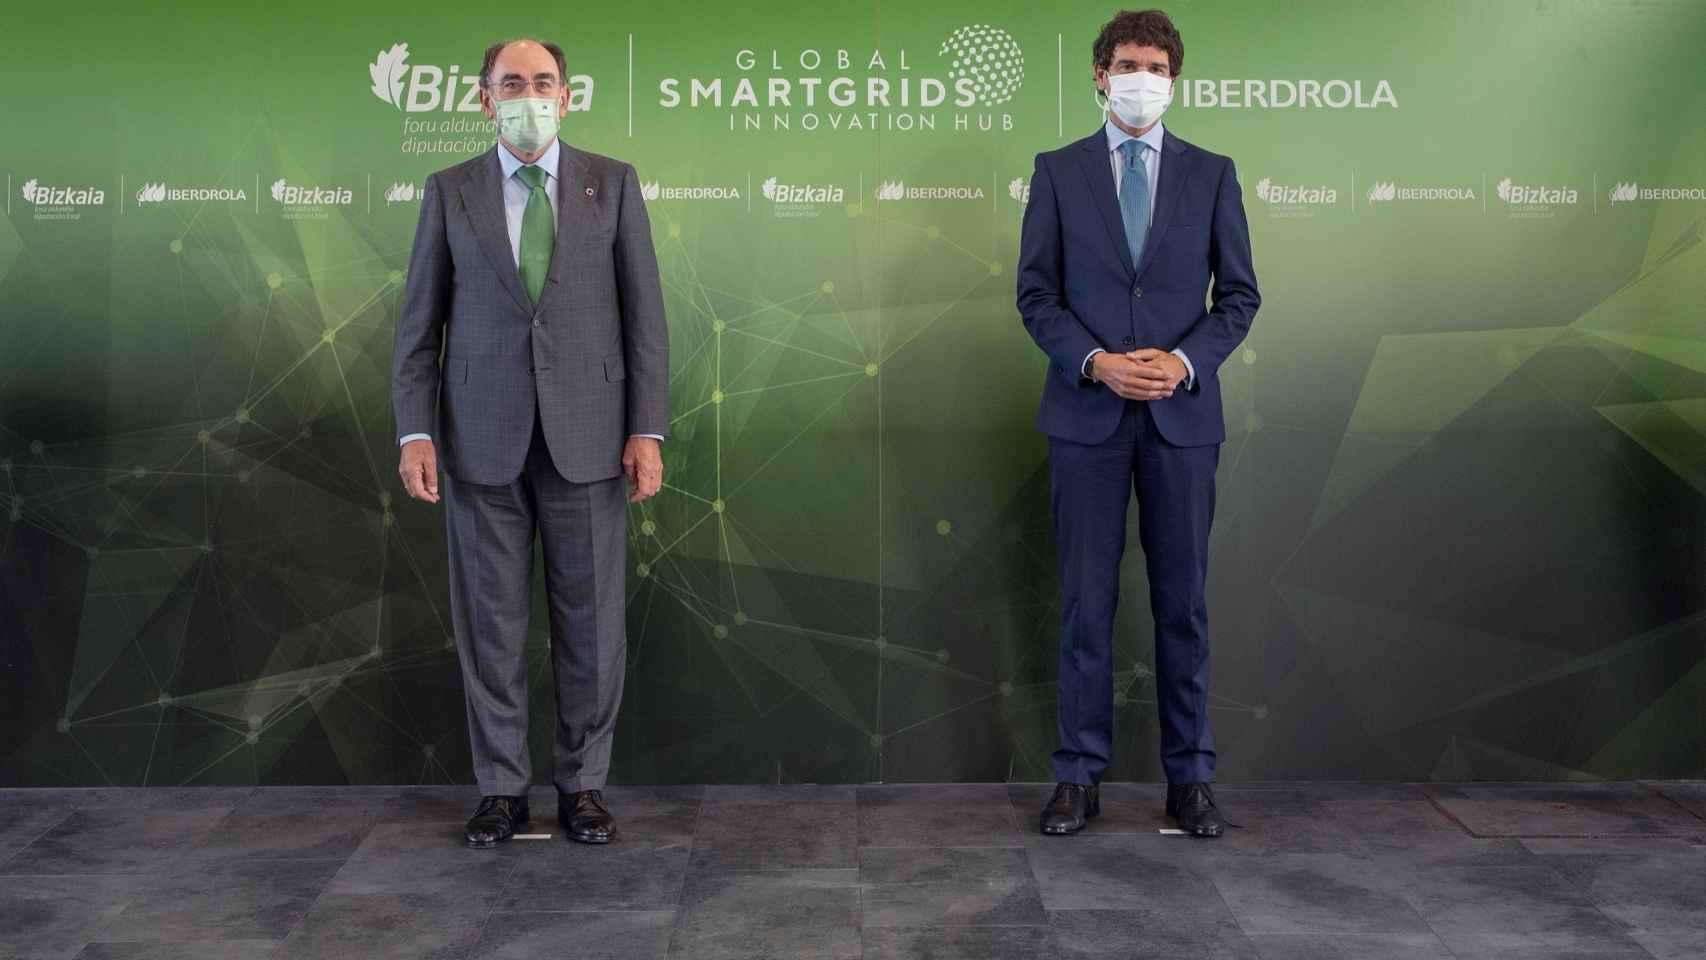 Iberdrola sitúa el centro mundial de innovación de redes inteligentes en España